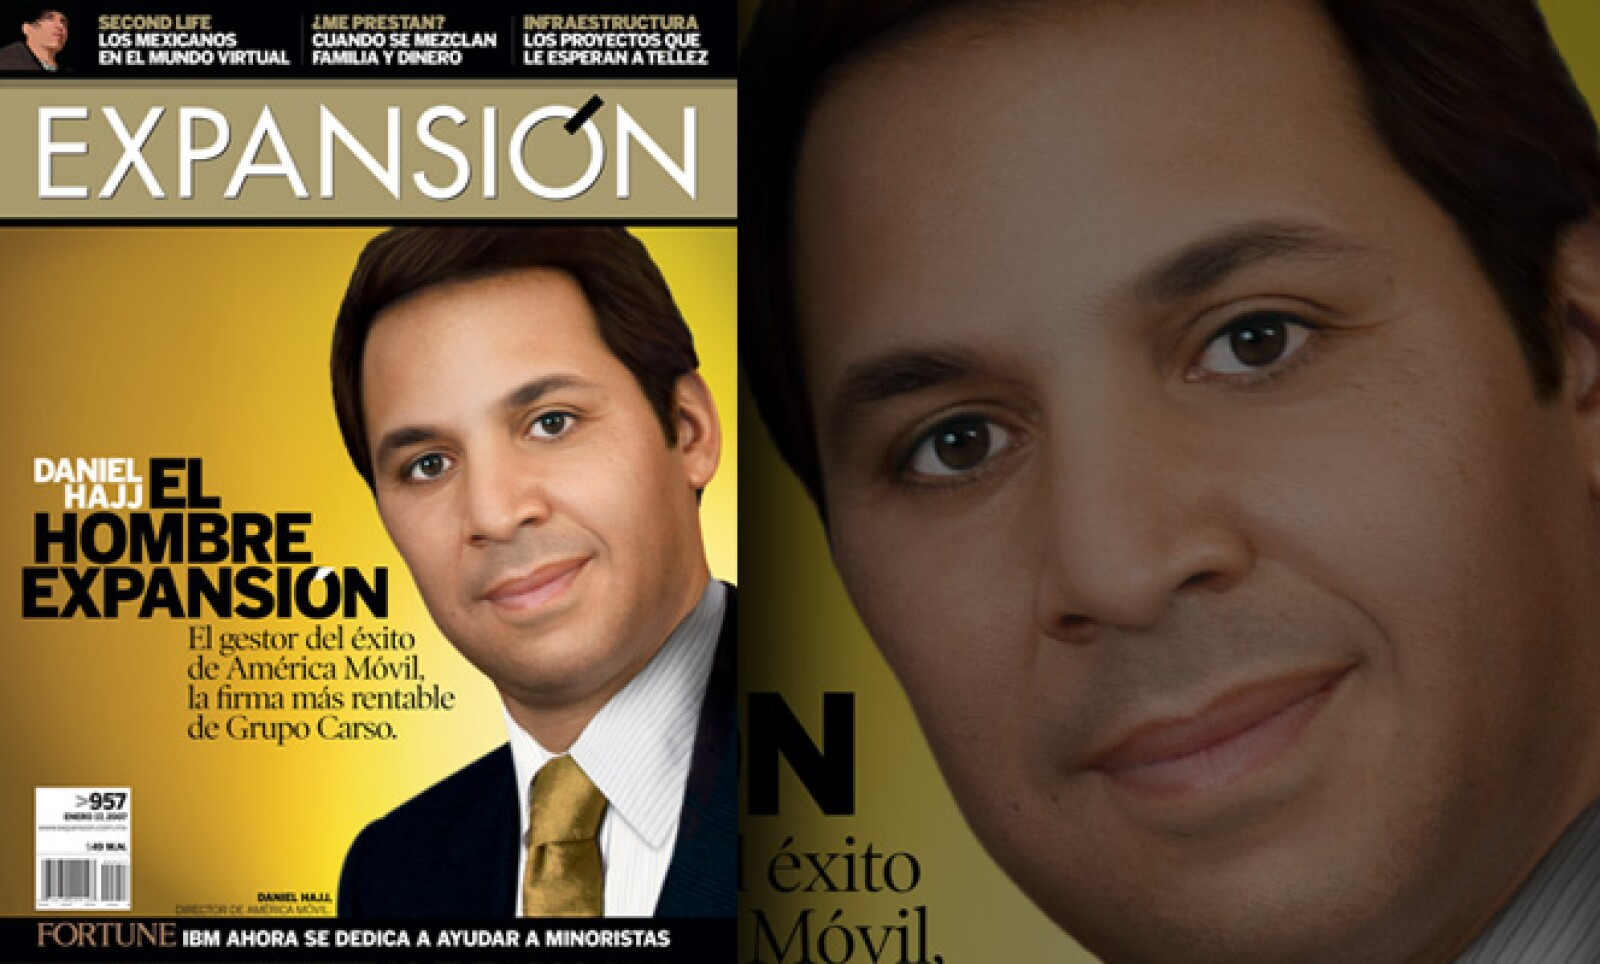 Fue el Hombre Expansión 2006. El yerno del empresario Carlos Slim demostró que era algo más eso. Como CEO de América Móvil convirtió a la firma en la más rentable de Grupo Carso y le dio un sólido crecimiento.